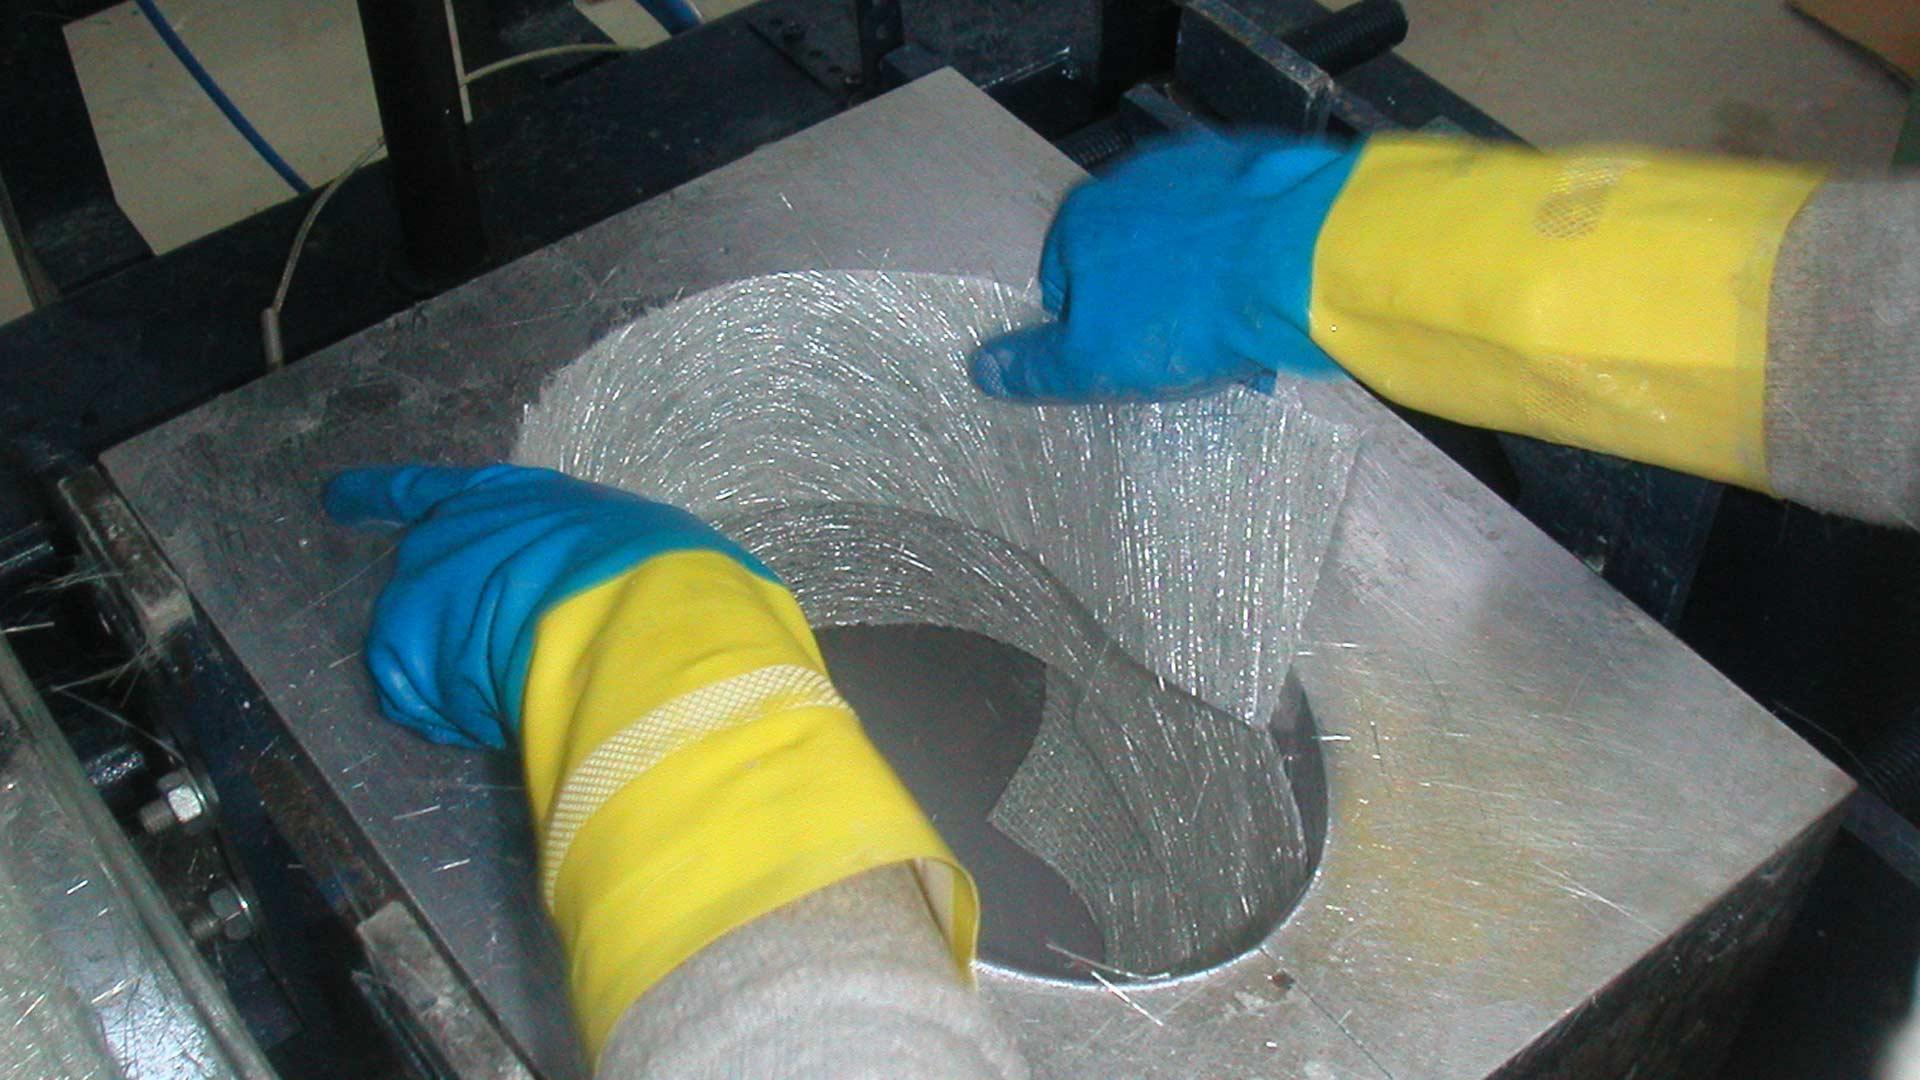 ヘルメット本体のシェルはグラスファイバー製